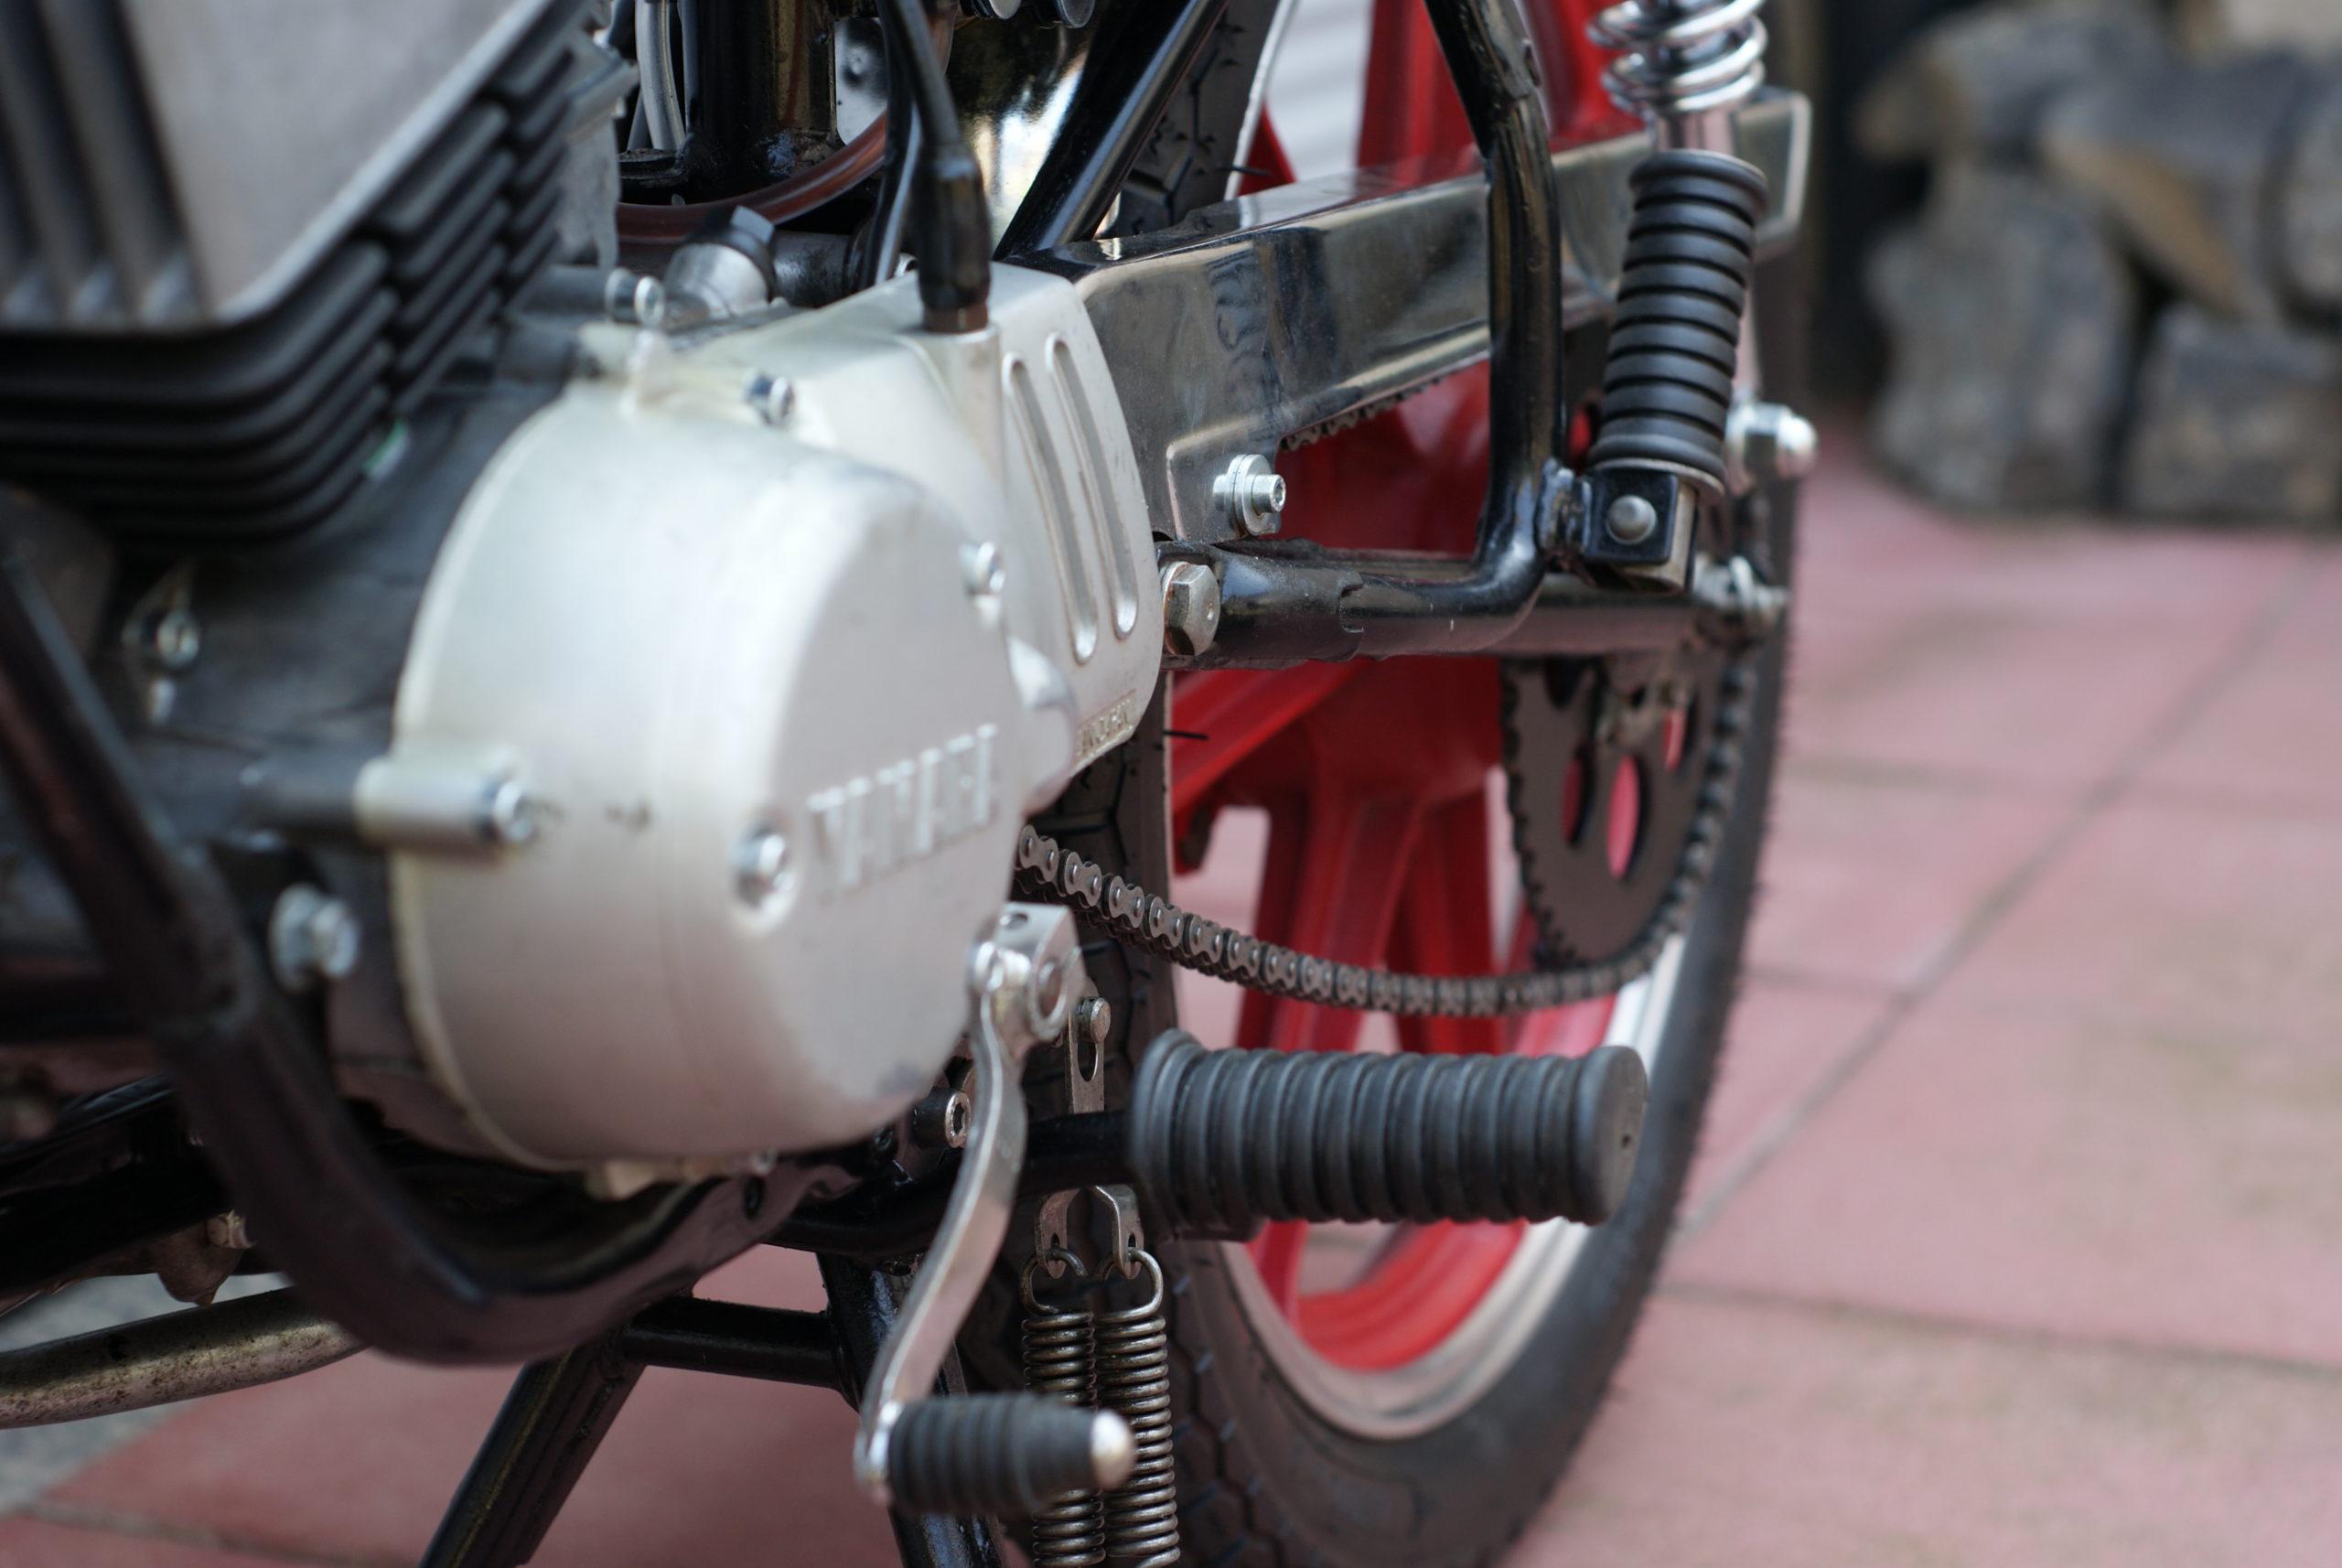 Motor einer RD 50